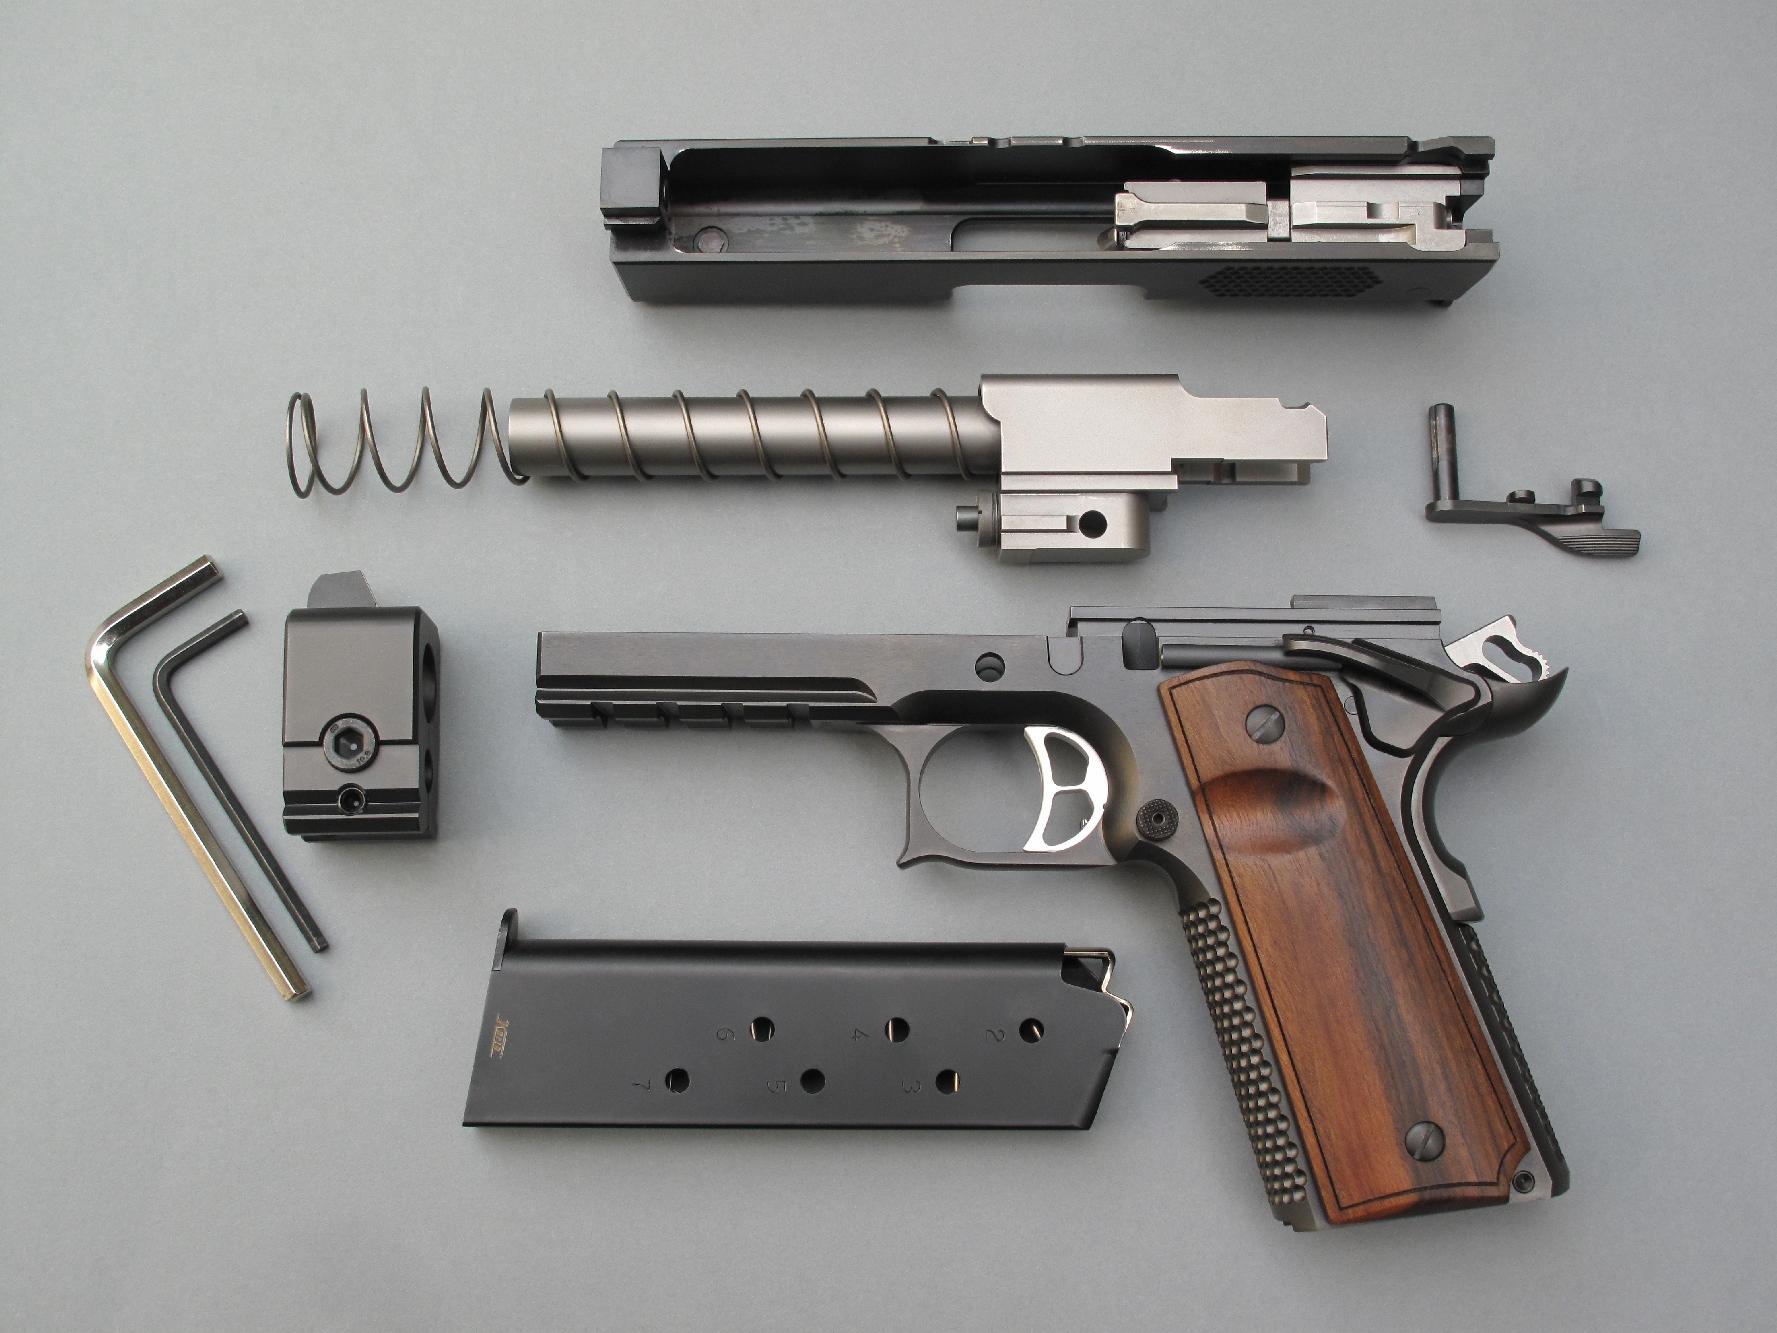 essai armes pistolet korth prs 1911 5 pouces calibre 45 acp. Black Bedroom Furniture Sets. Home Design Ideas